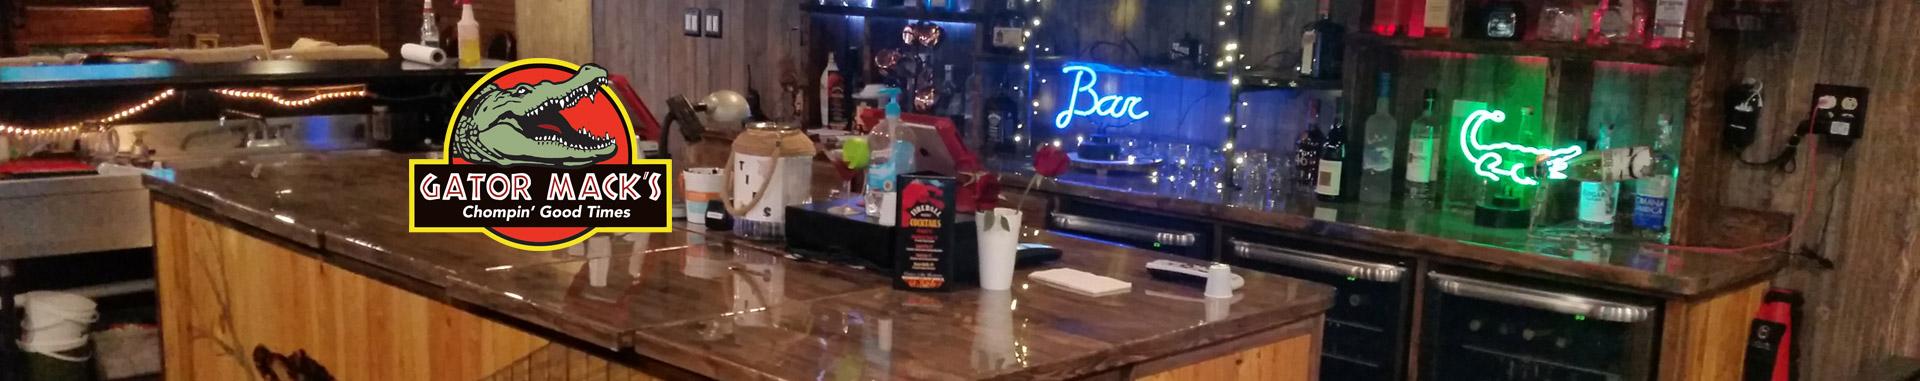 Gator Mack's Sports Bar